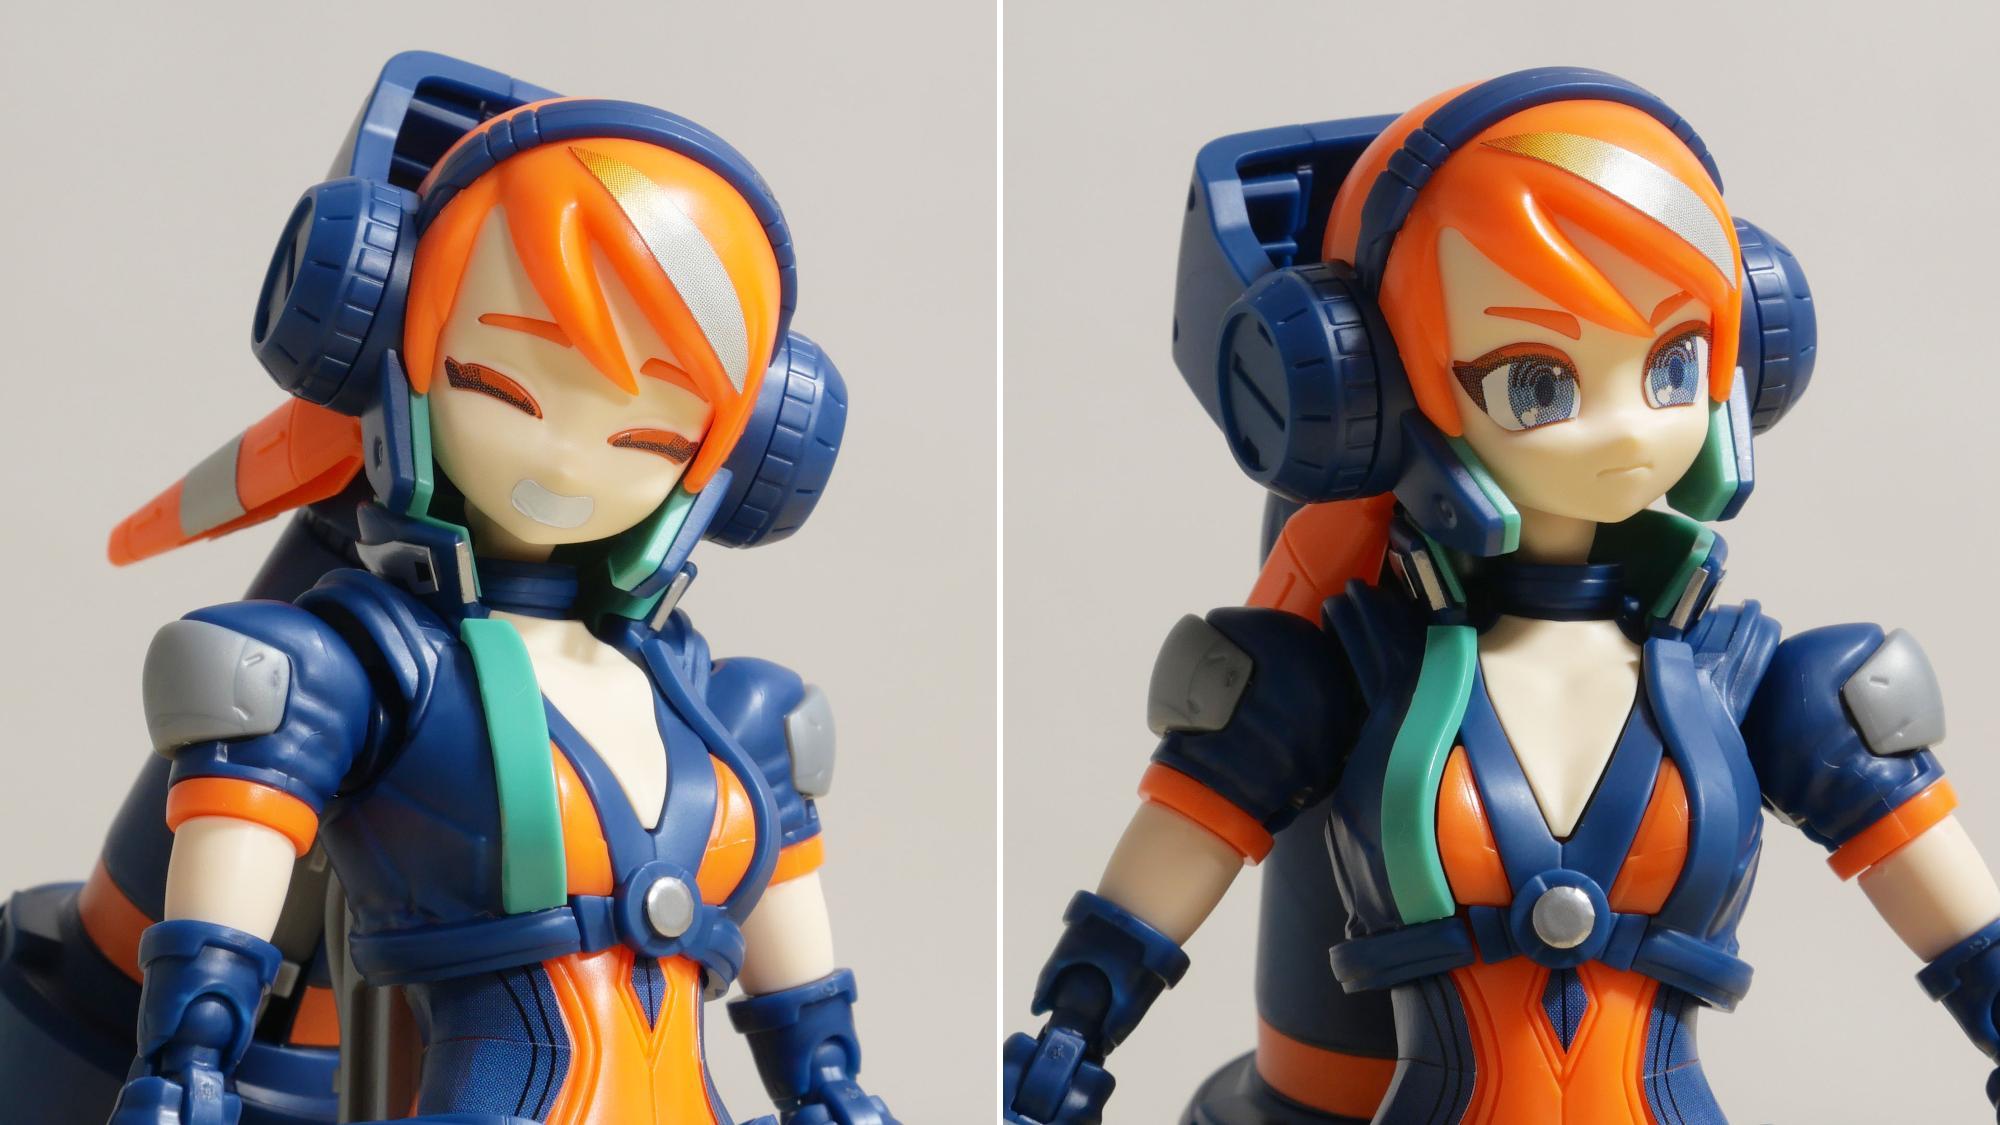 左:「笑顔」装着状態 / 右:「怒り顔」装着状態